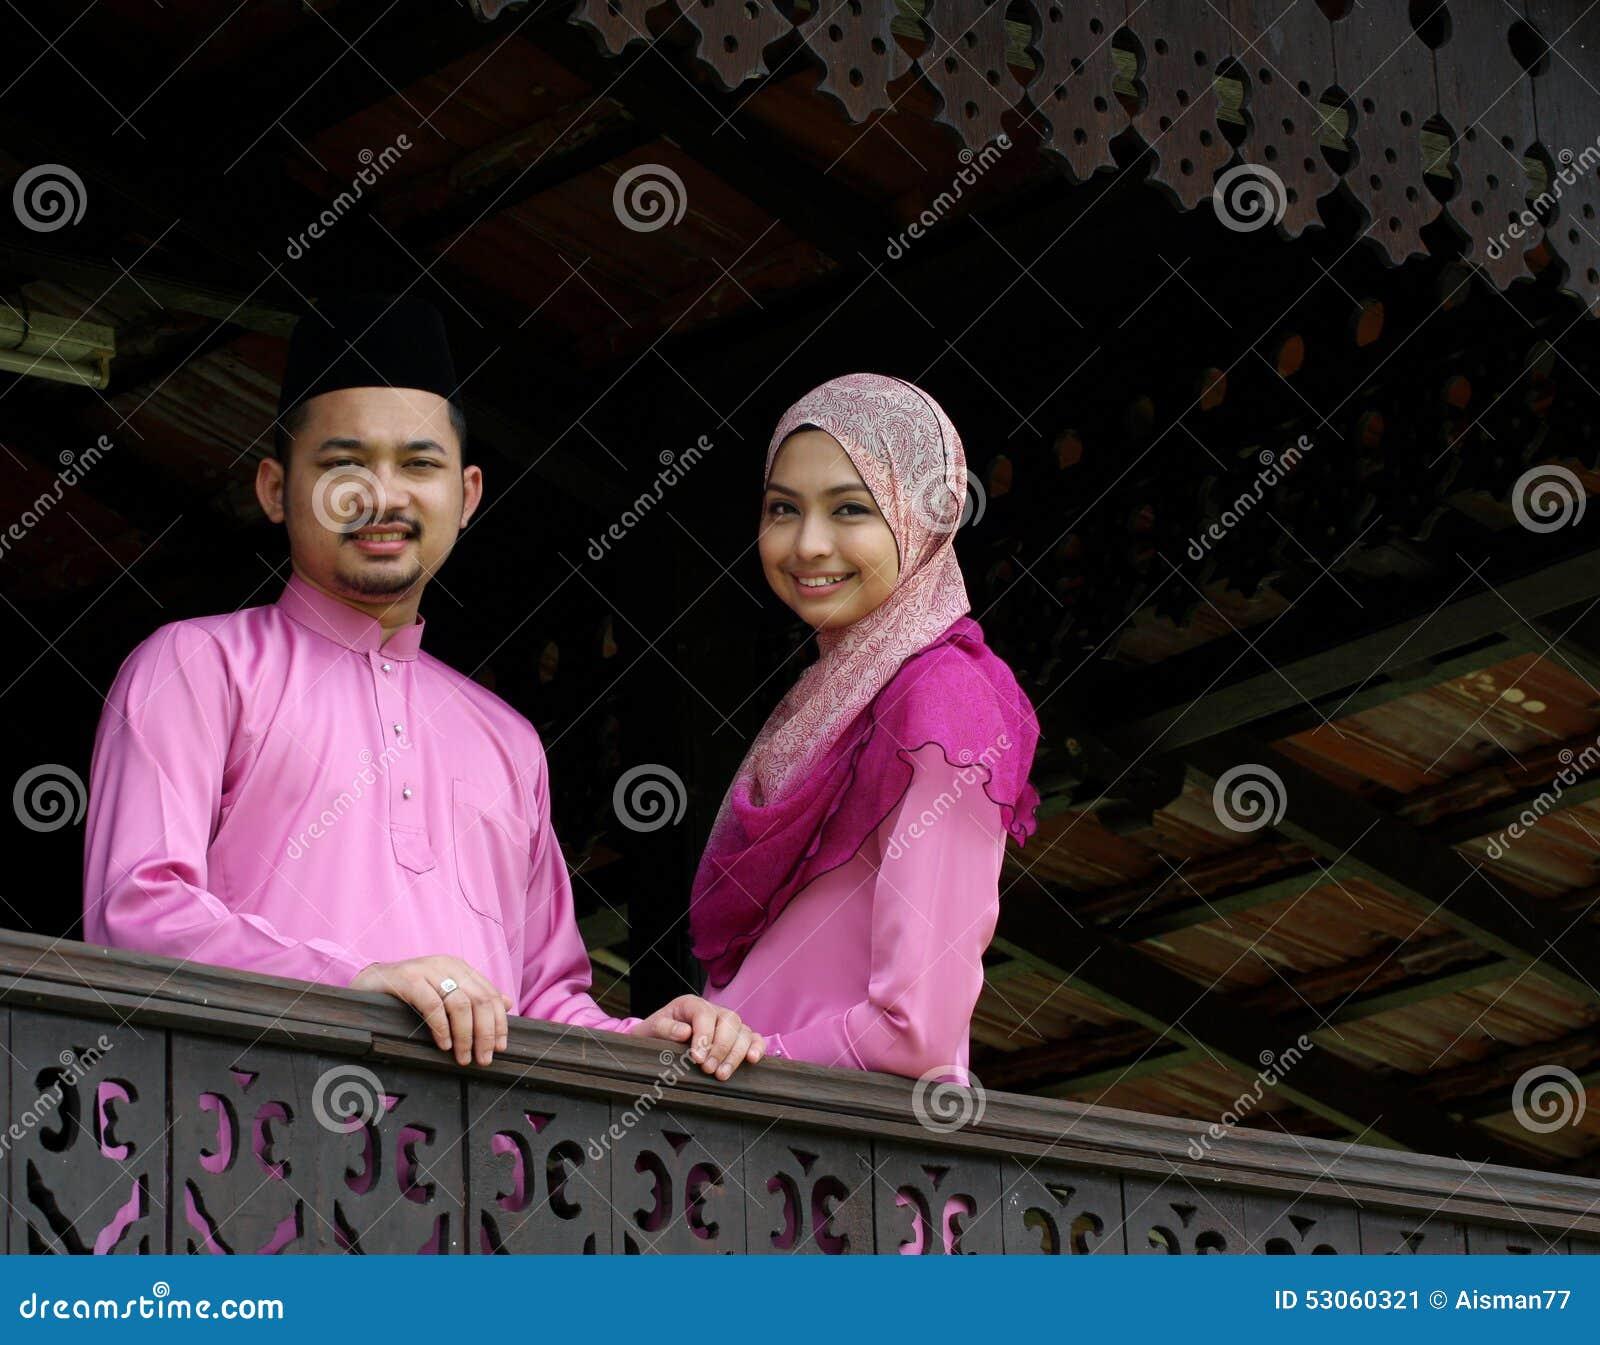 Muslim gallery